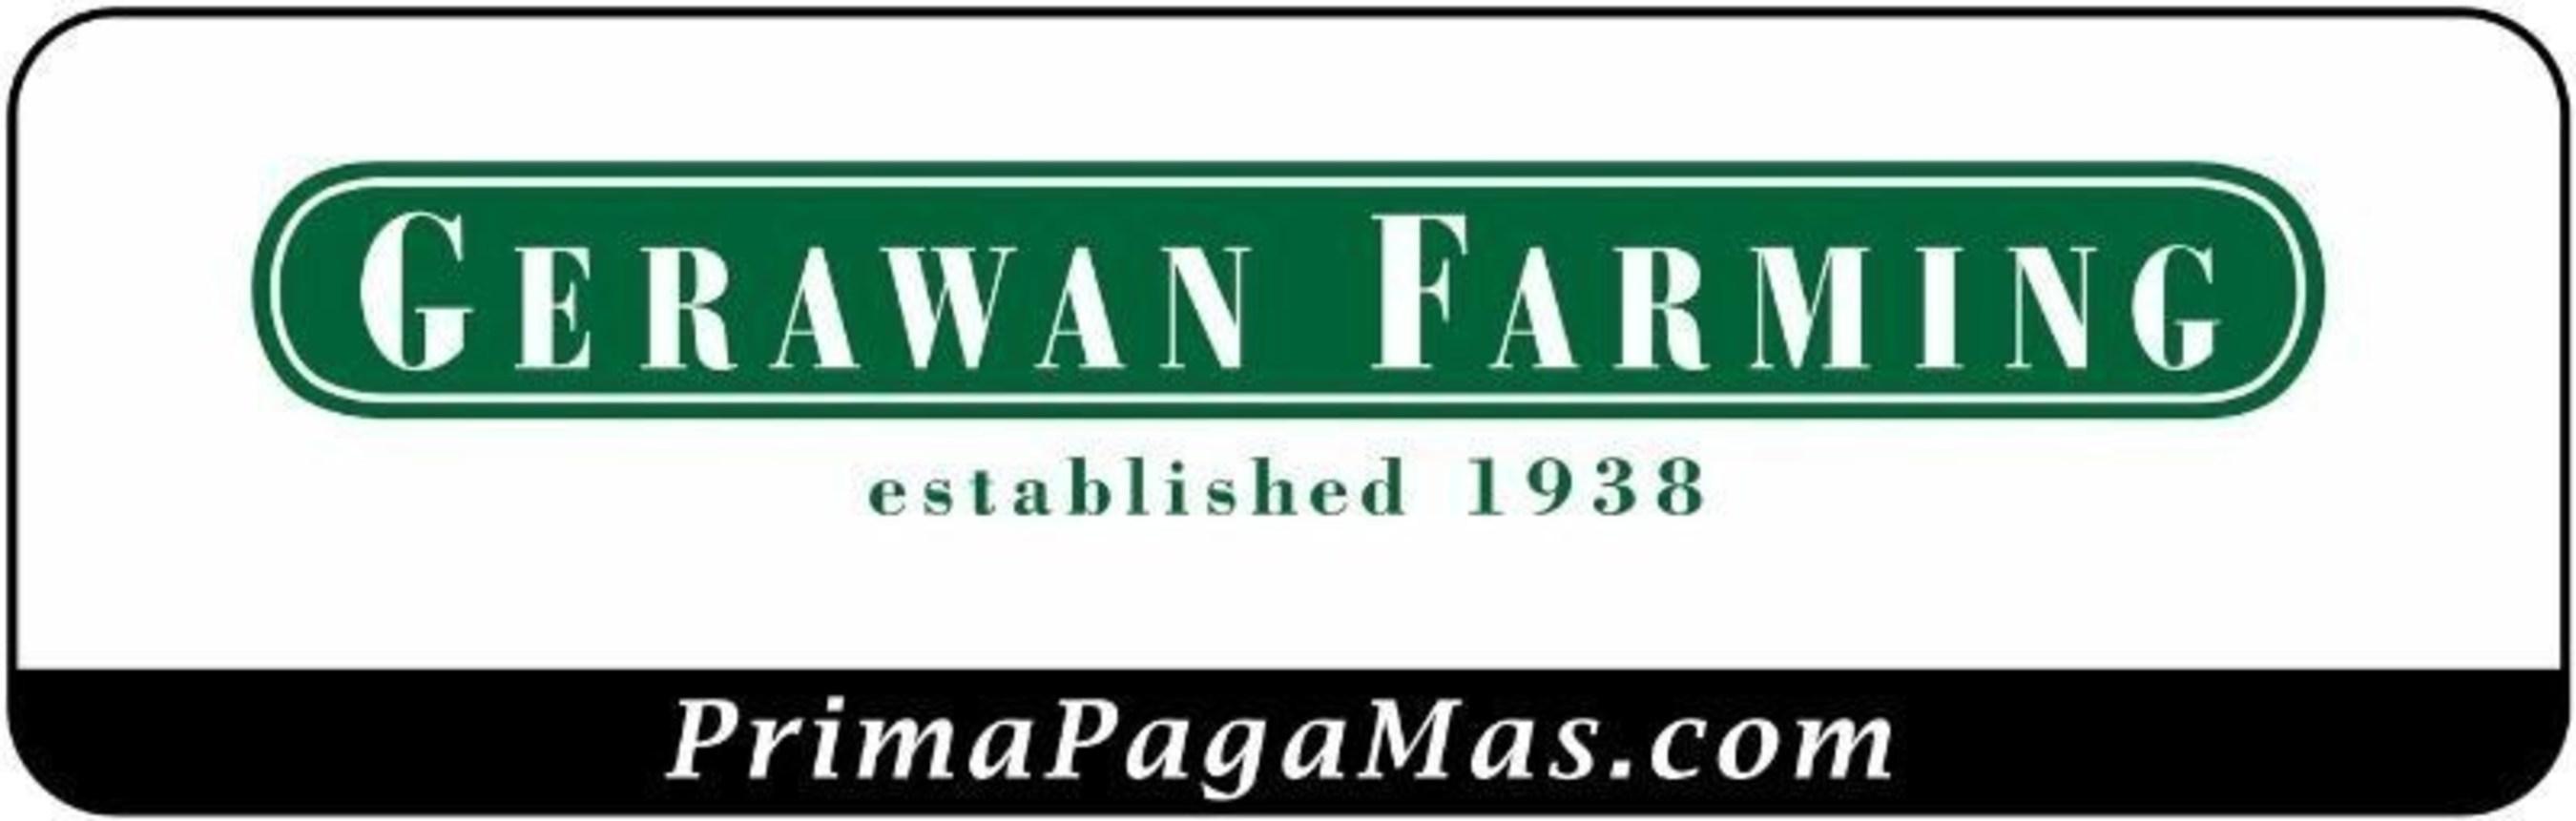 Gerawan Farming Logo (PRNewsFoto/Gerawan Farming)